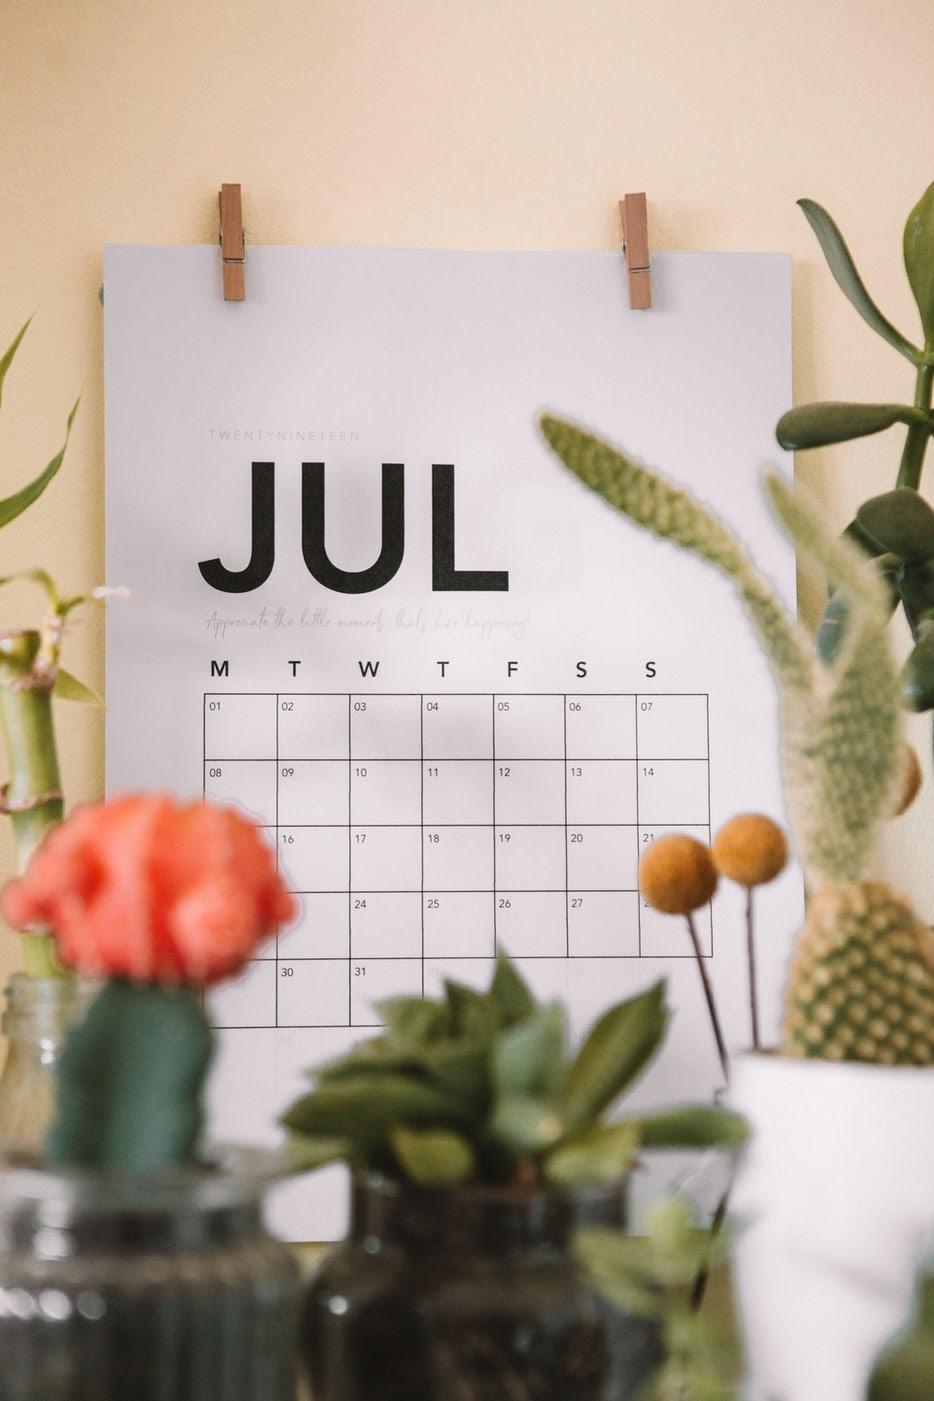 UCAT dates